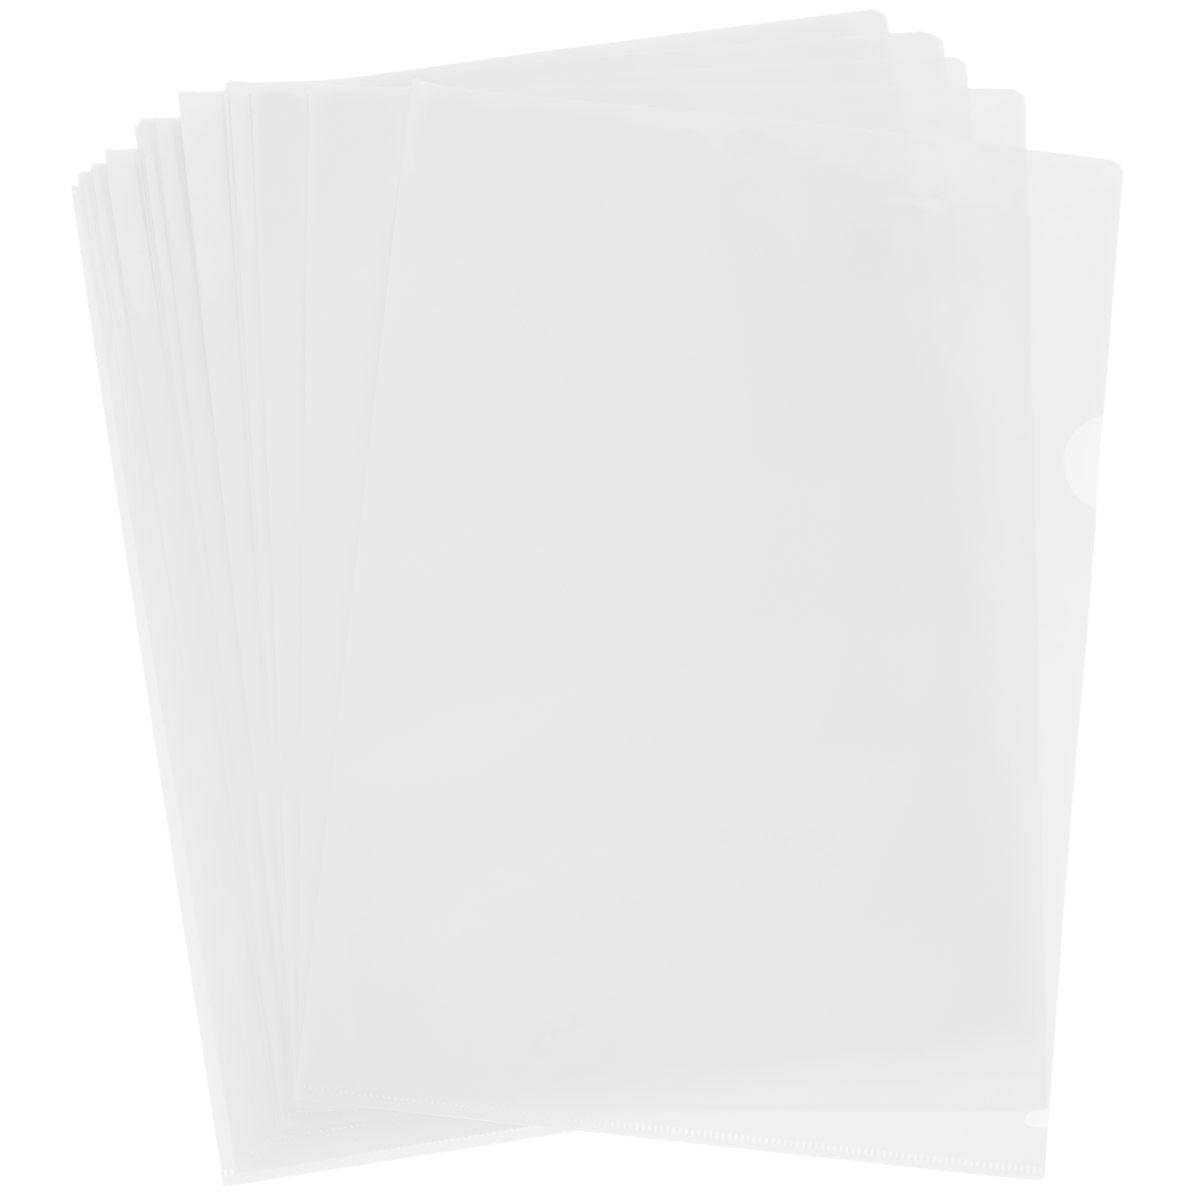 Папка-уголок Sponsor, цвет: прозрачный. Формат А4, 20 штSF208-2/TR/RПапка-уголок Sponsor, изготовленная из высококачественного полипропилена, это удобный и практичный офисный инструмент, предназначенный для хранения и транспортировки рабочих бумаг и документов формата А4. Полупрозрачная глянцевая папка имеет опрятный и неброский вид. В наборе - 20 папок.Папка-уголок - это незаменимый атрибут для студента, школьника, офисного работника. Такая папка надежно сохранит ваши документы и сбережет их от повреждений, пыли и влаги.Комплектация: 20 шт.